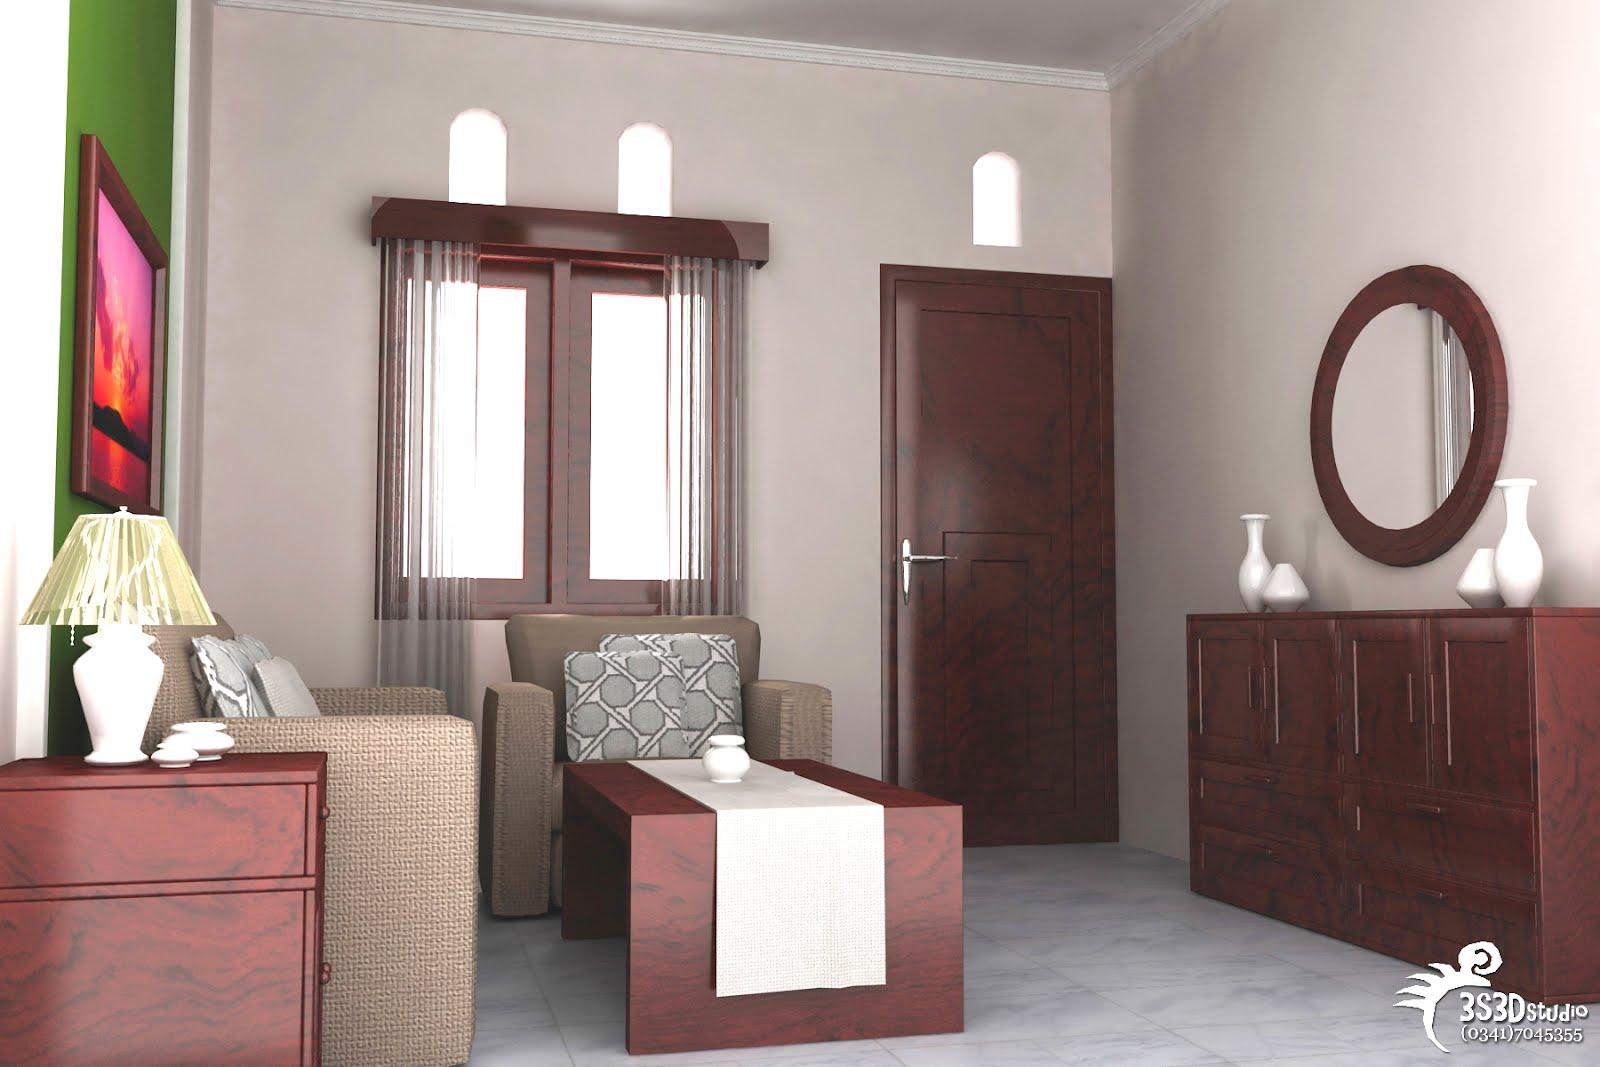 View Desain Ruang Tamu Rumah Minimalis Gif